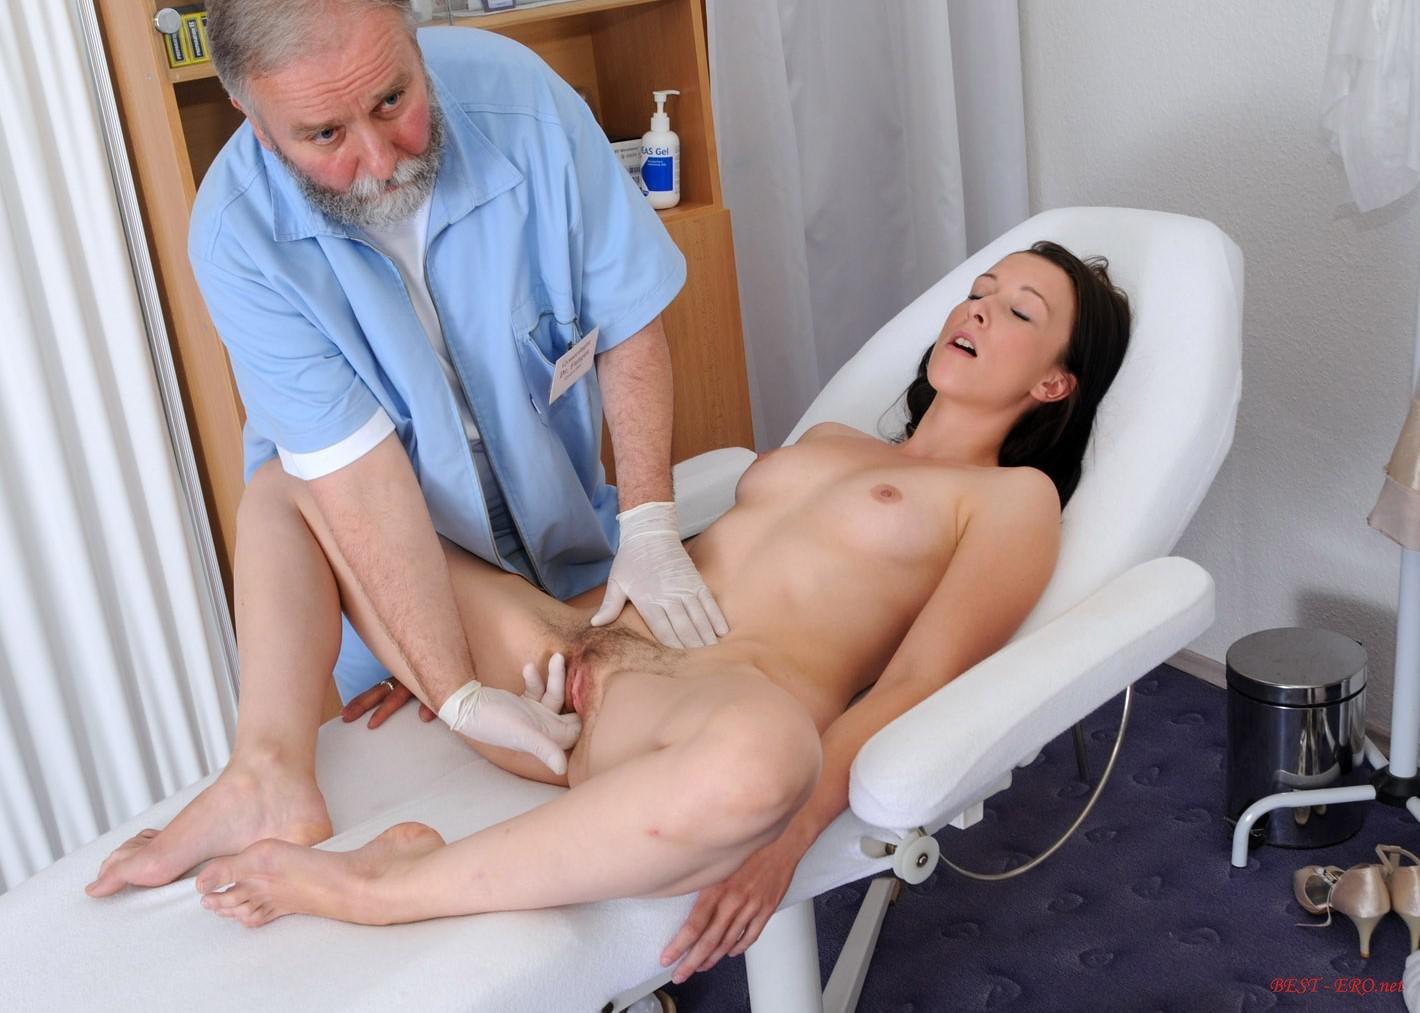 скрытое порно у доктора онлайн